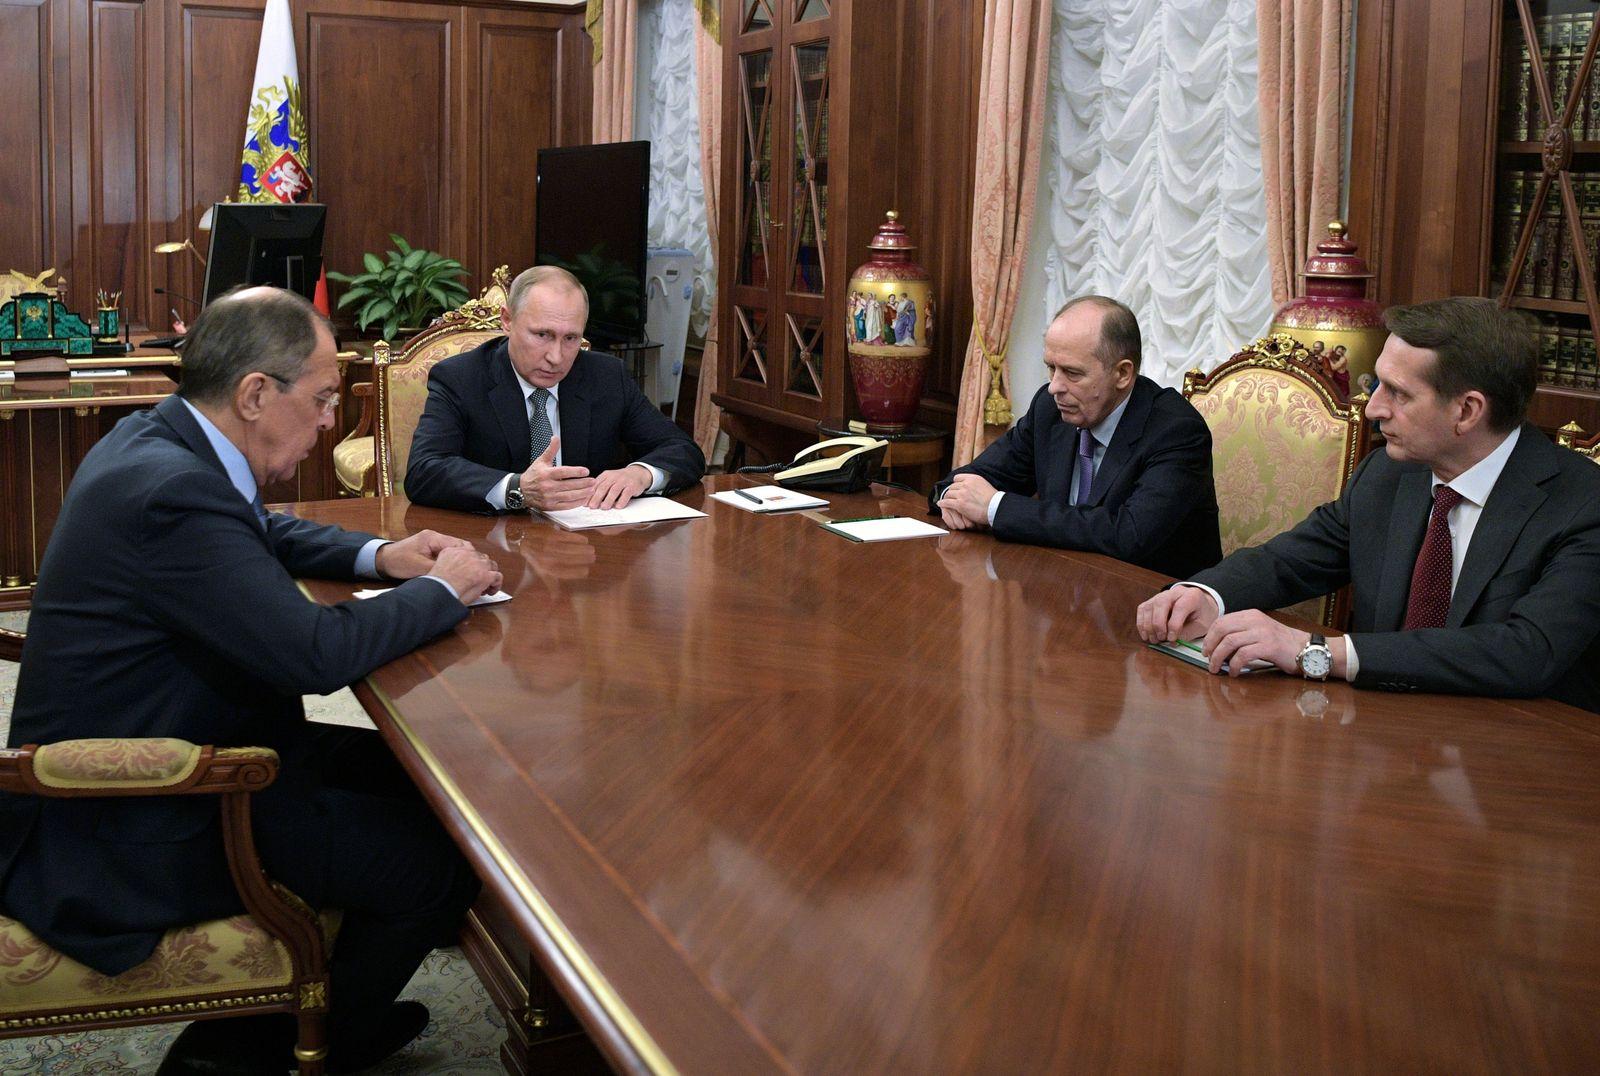 Botschafter/ Karlov/ Putin